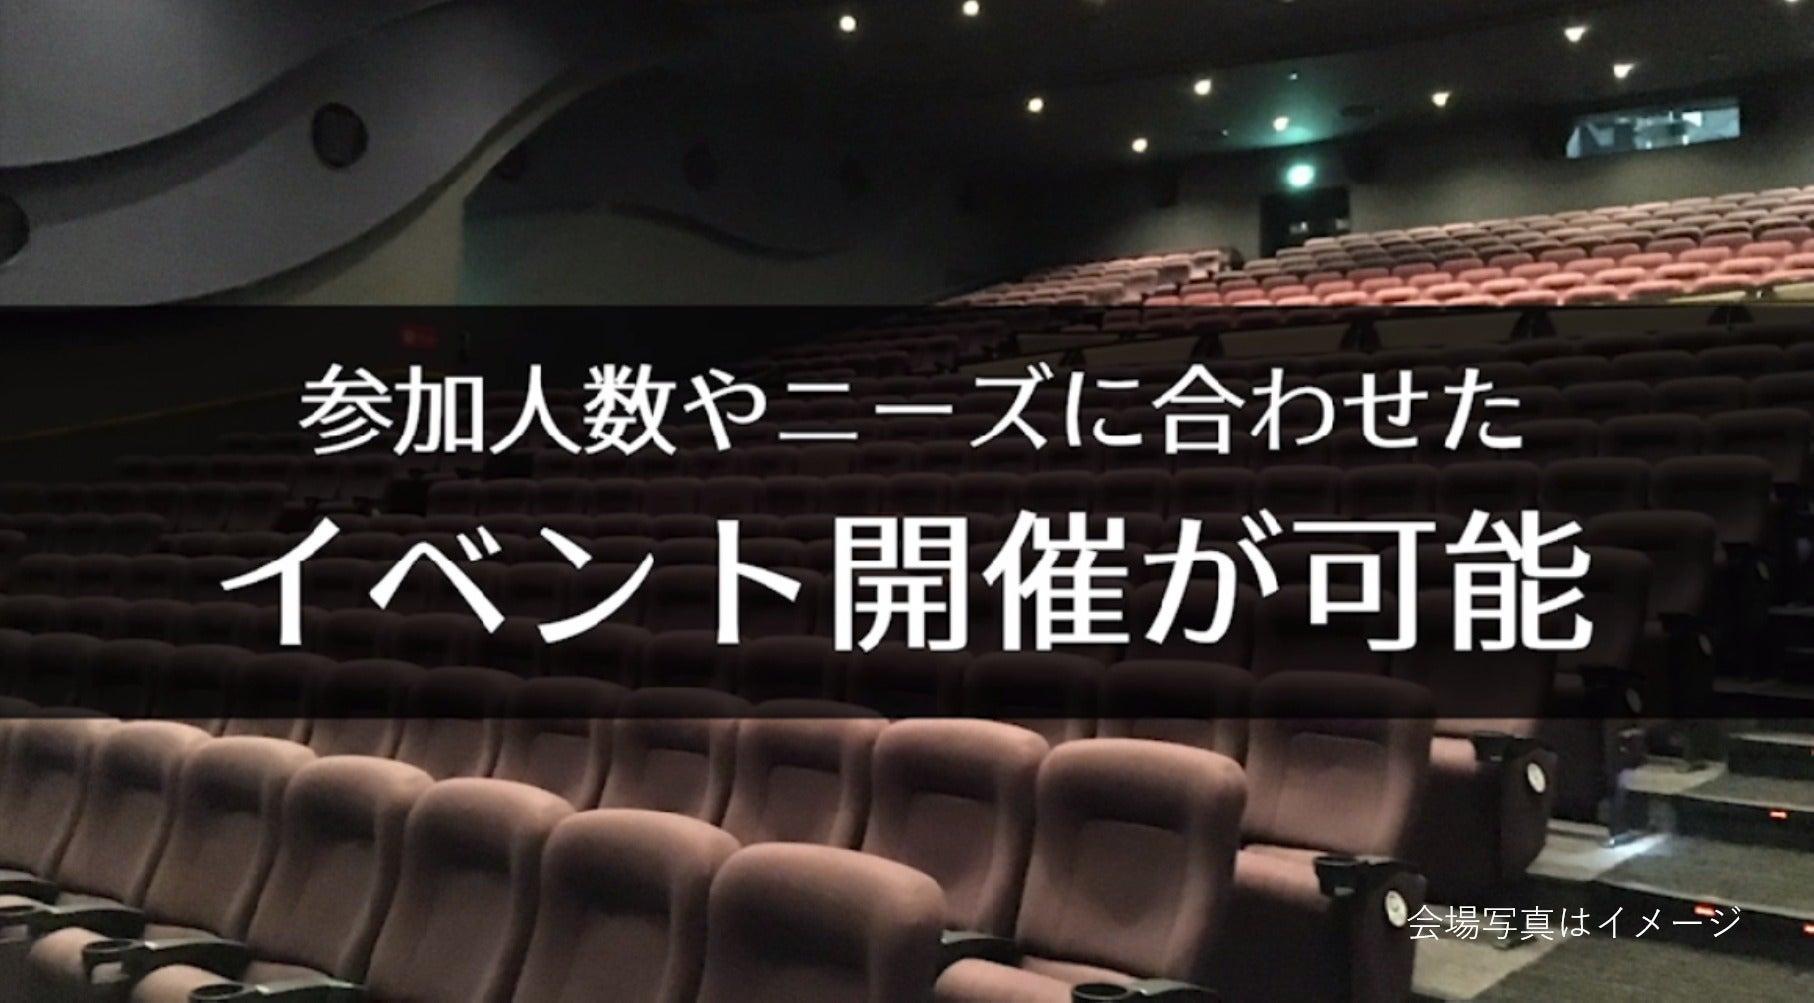 【なかま 142席】映画館で、会社説明会、株主総会、講演会の企画はいかがですか?(ユナイテッド・シネマなかま16) の写真0